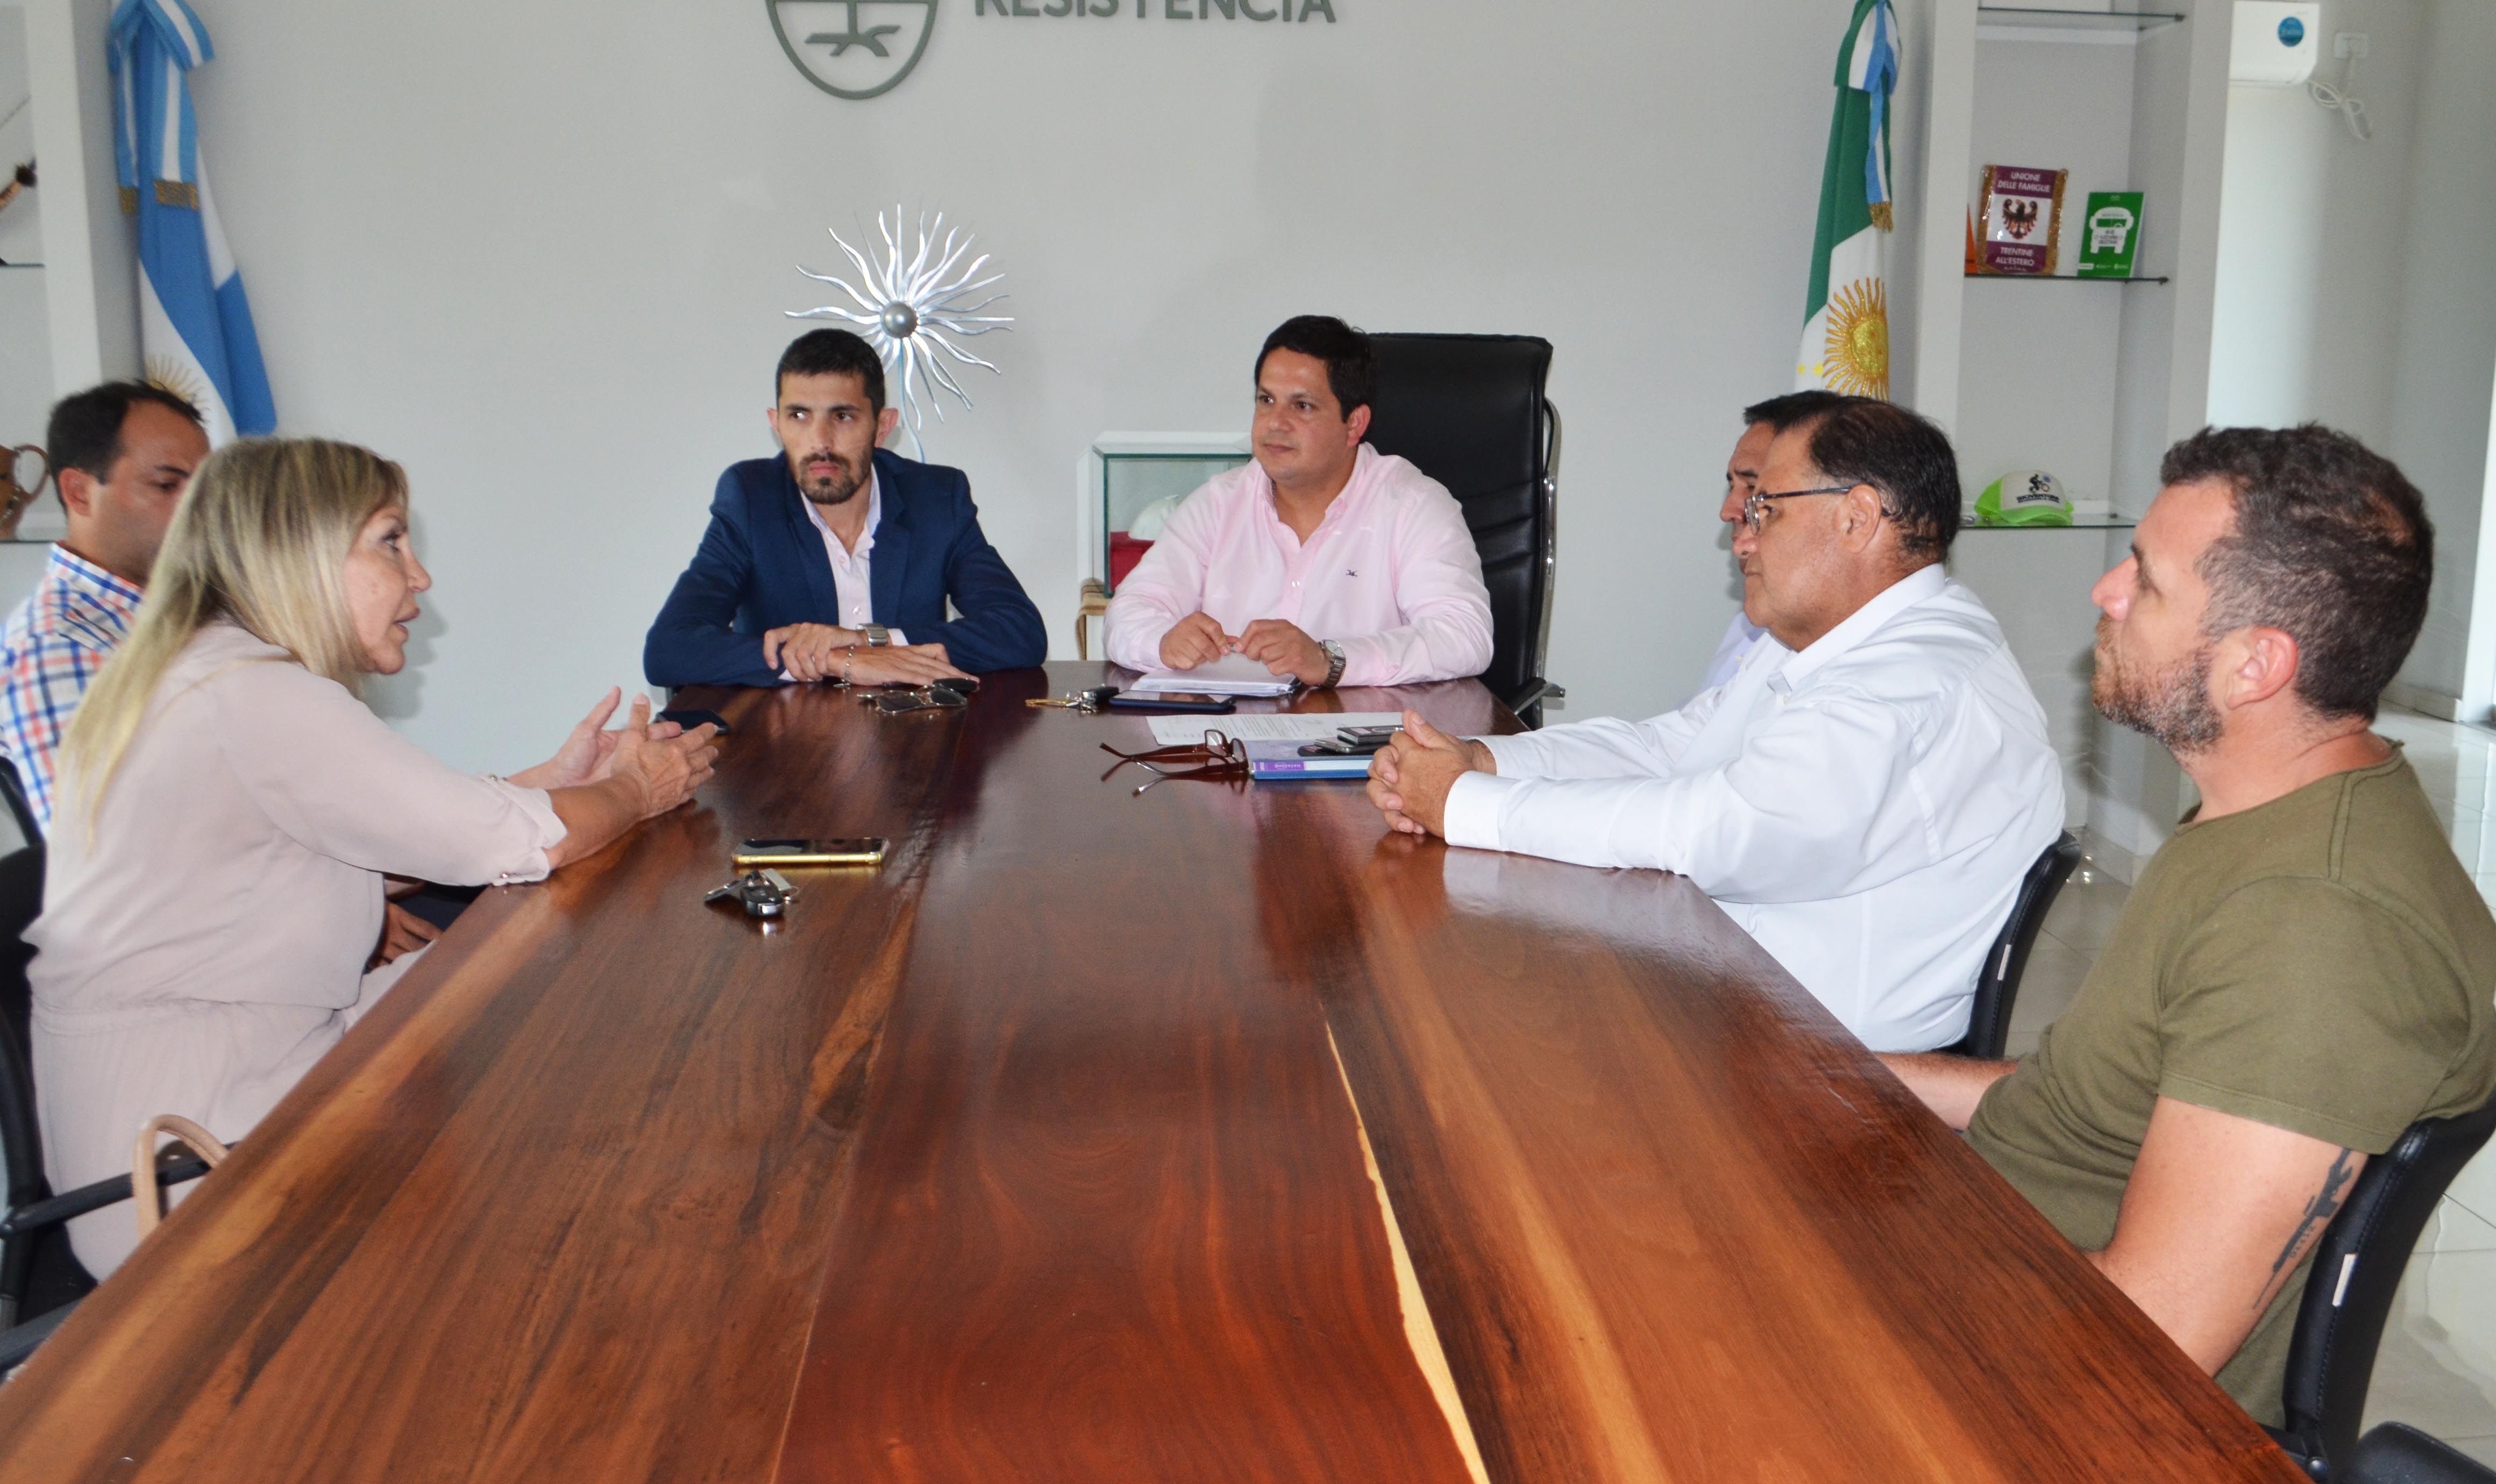 El municipio analiza junto a empresas privadas acciones para optimizar los servicios públicos